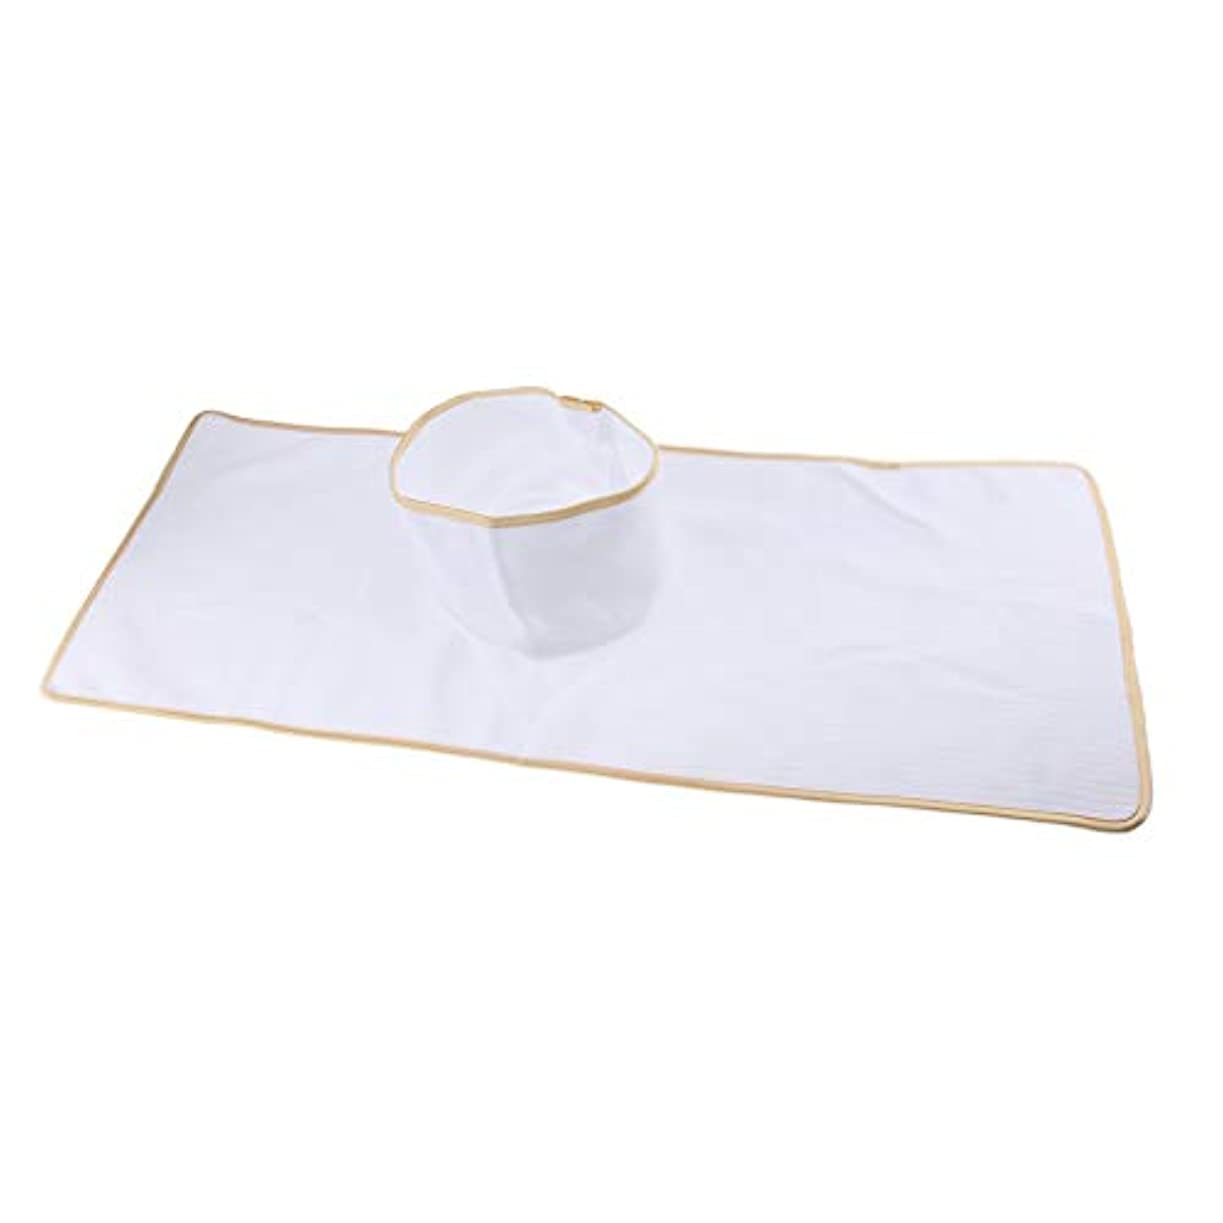 稚魚避難新しさBaoblaze マッサージテーブルカバー シート パッド 顔の穴付き 再使用可能 約90×35cm 全3色 - 白